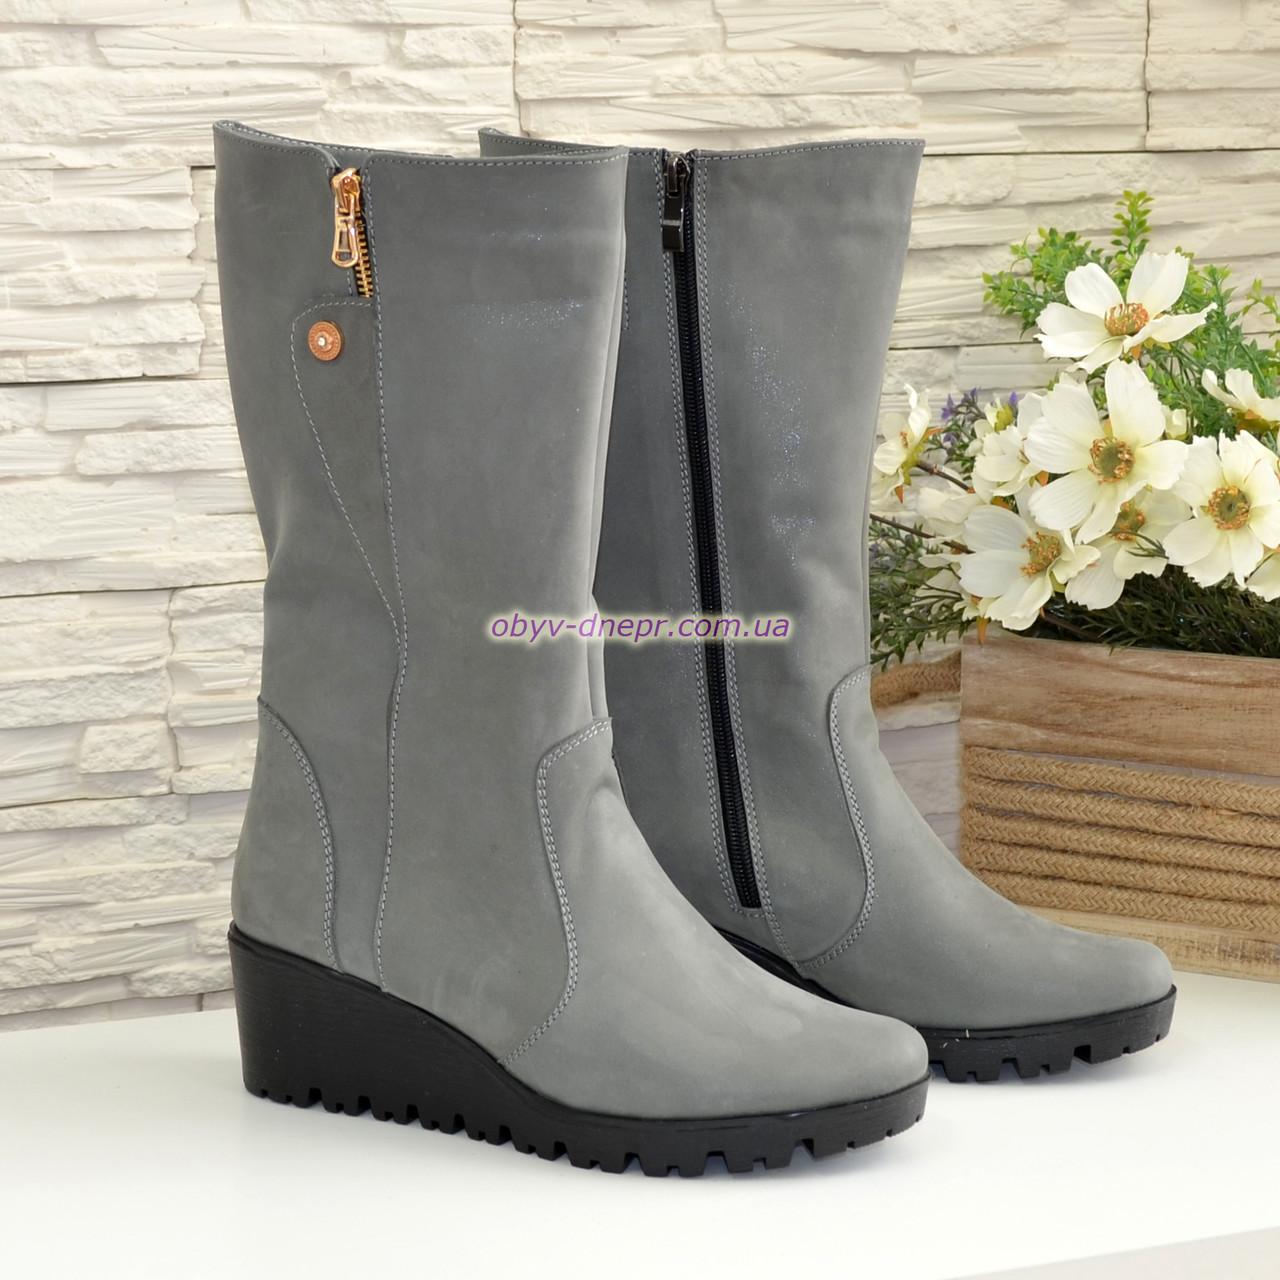 Зимние ботинки на невысокой платформе, натуральная серая кожа